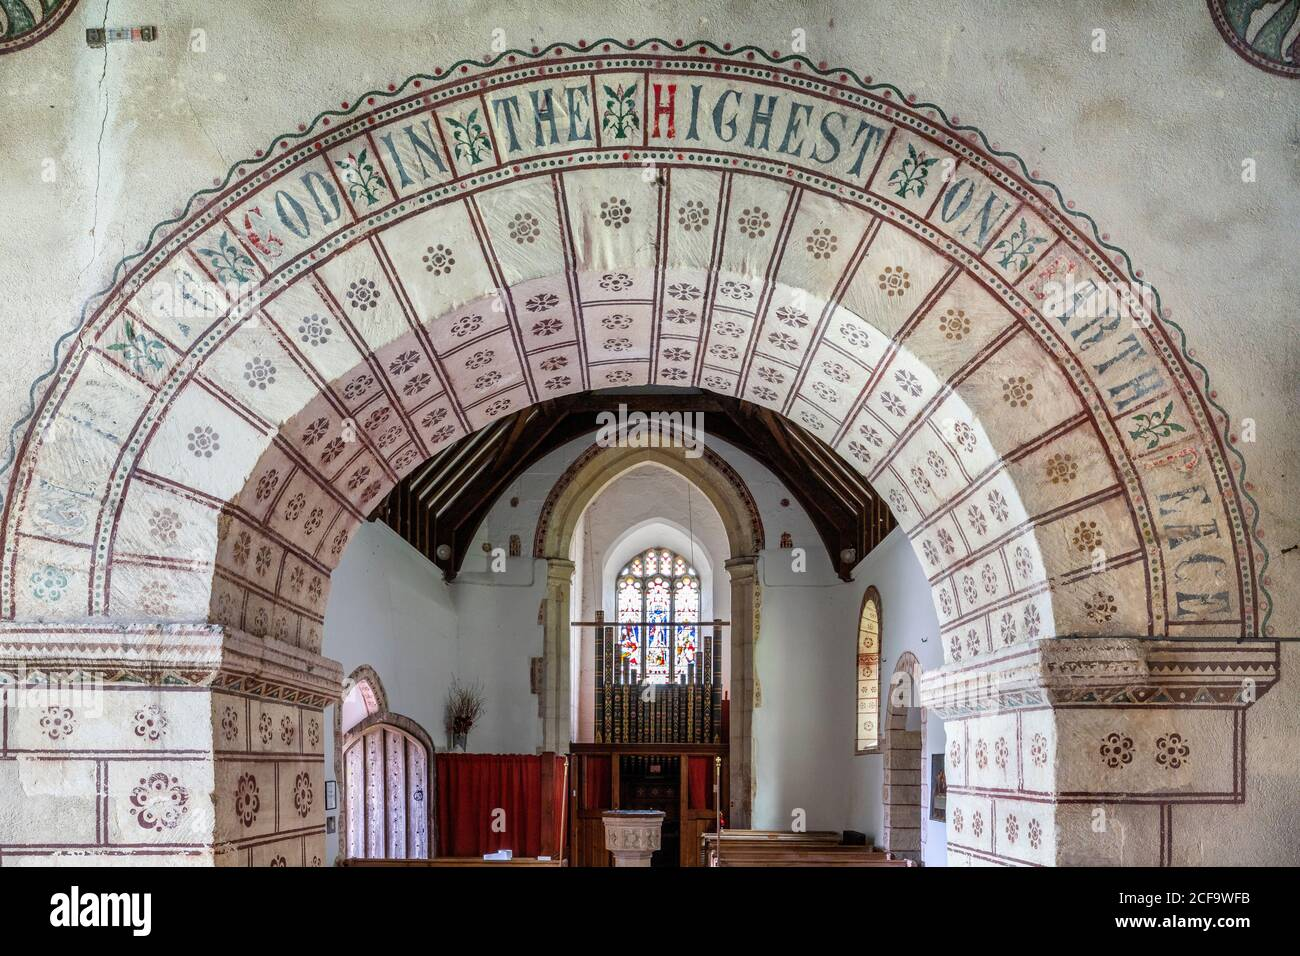 Die normannische Kirche St. George im Cotswold-Dorf Hampnet zeigt den Kanzelbogen aus dem 12. Jahrhundert, der vom Vikar in den 1870er Jahren geschmückt wurde. Stockfoto